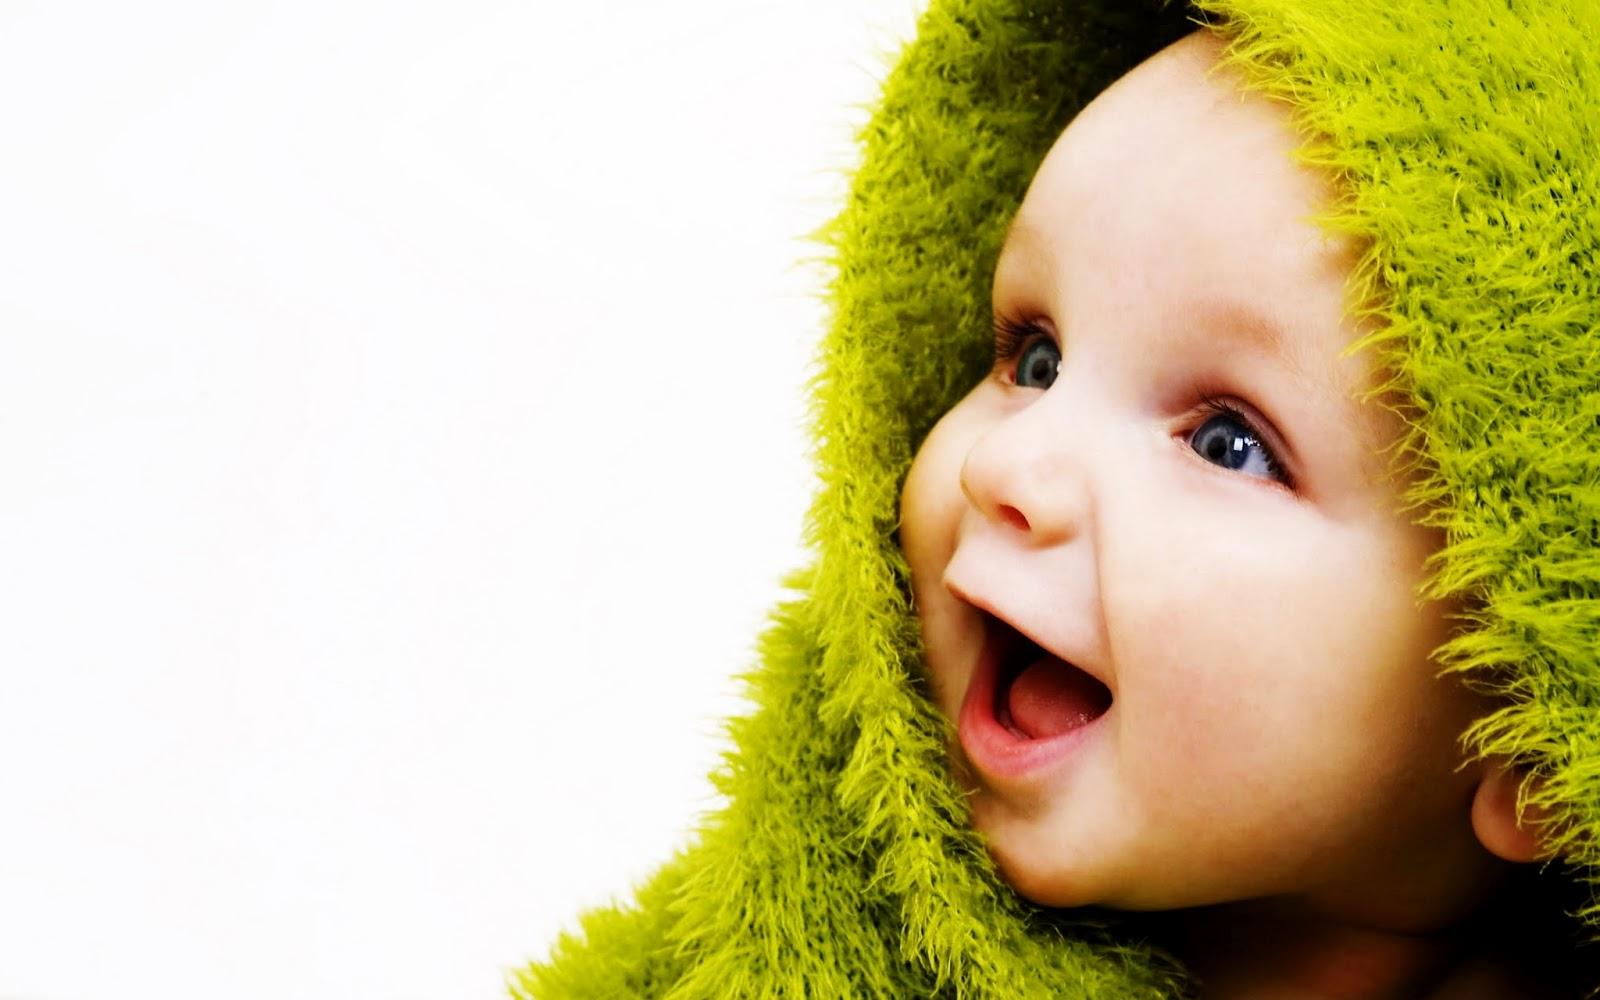 http://2.bp.blogspot.com/-NRPy2c5cHII/UBn2pwZRNlI/AAAAAAAACEs/gE0Lojaa-SI/s1600/cute_baby-wide.jpg